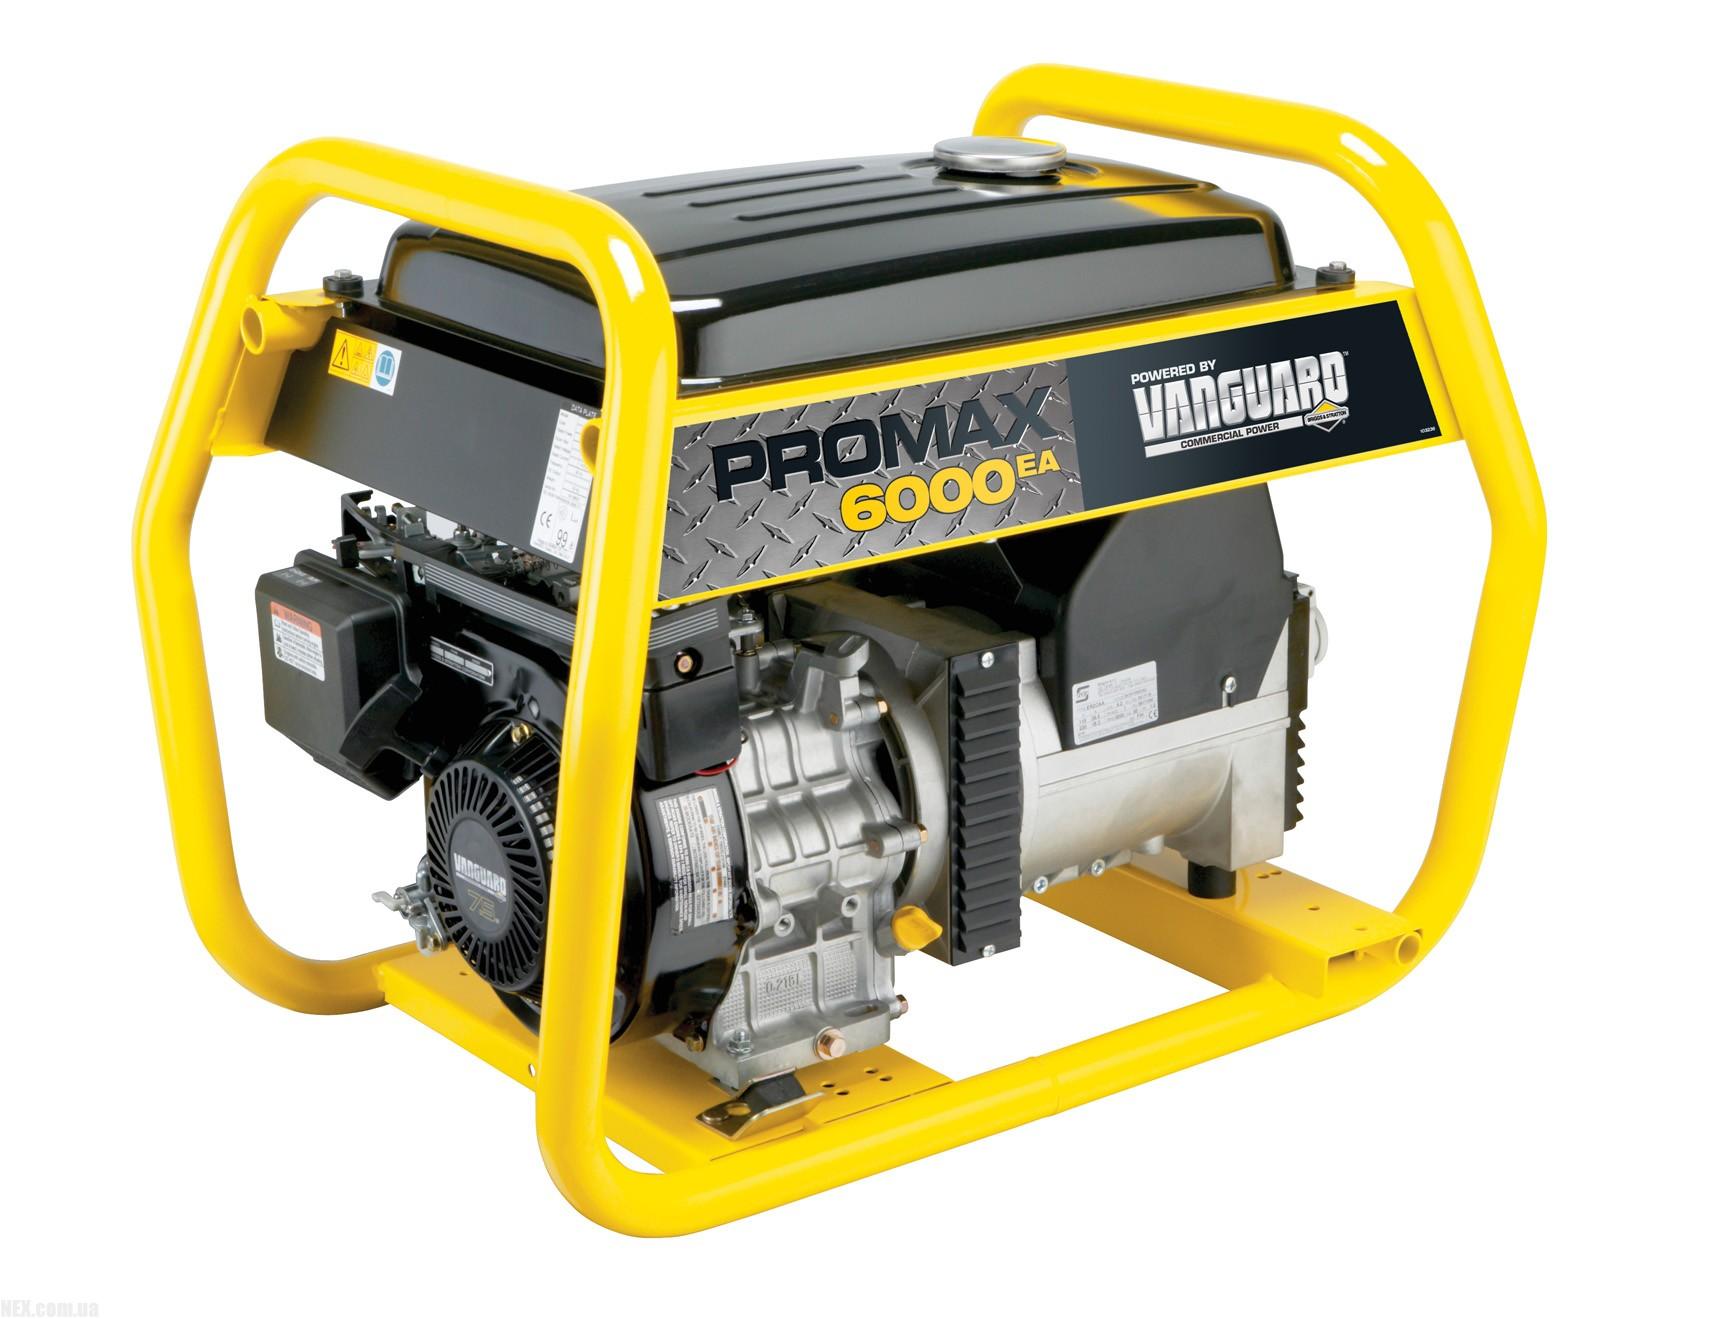 Электрогенератор Briggs & Stratton ProMax 6000EA